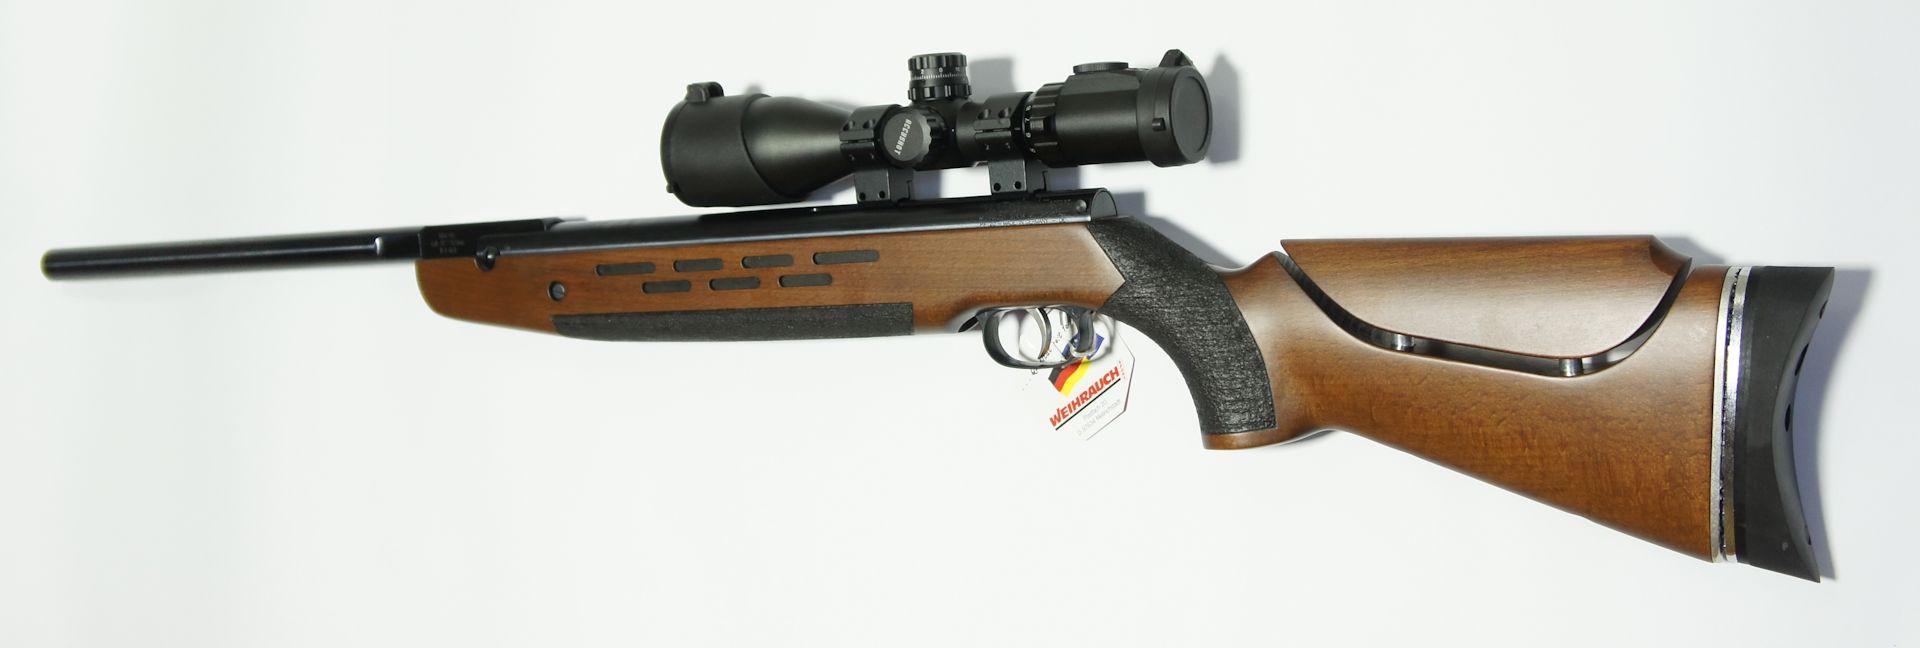 Montagebeispiel der Optik auf einem <a href=116420.htm>Luftgewehr HW 98</a>